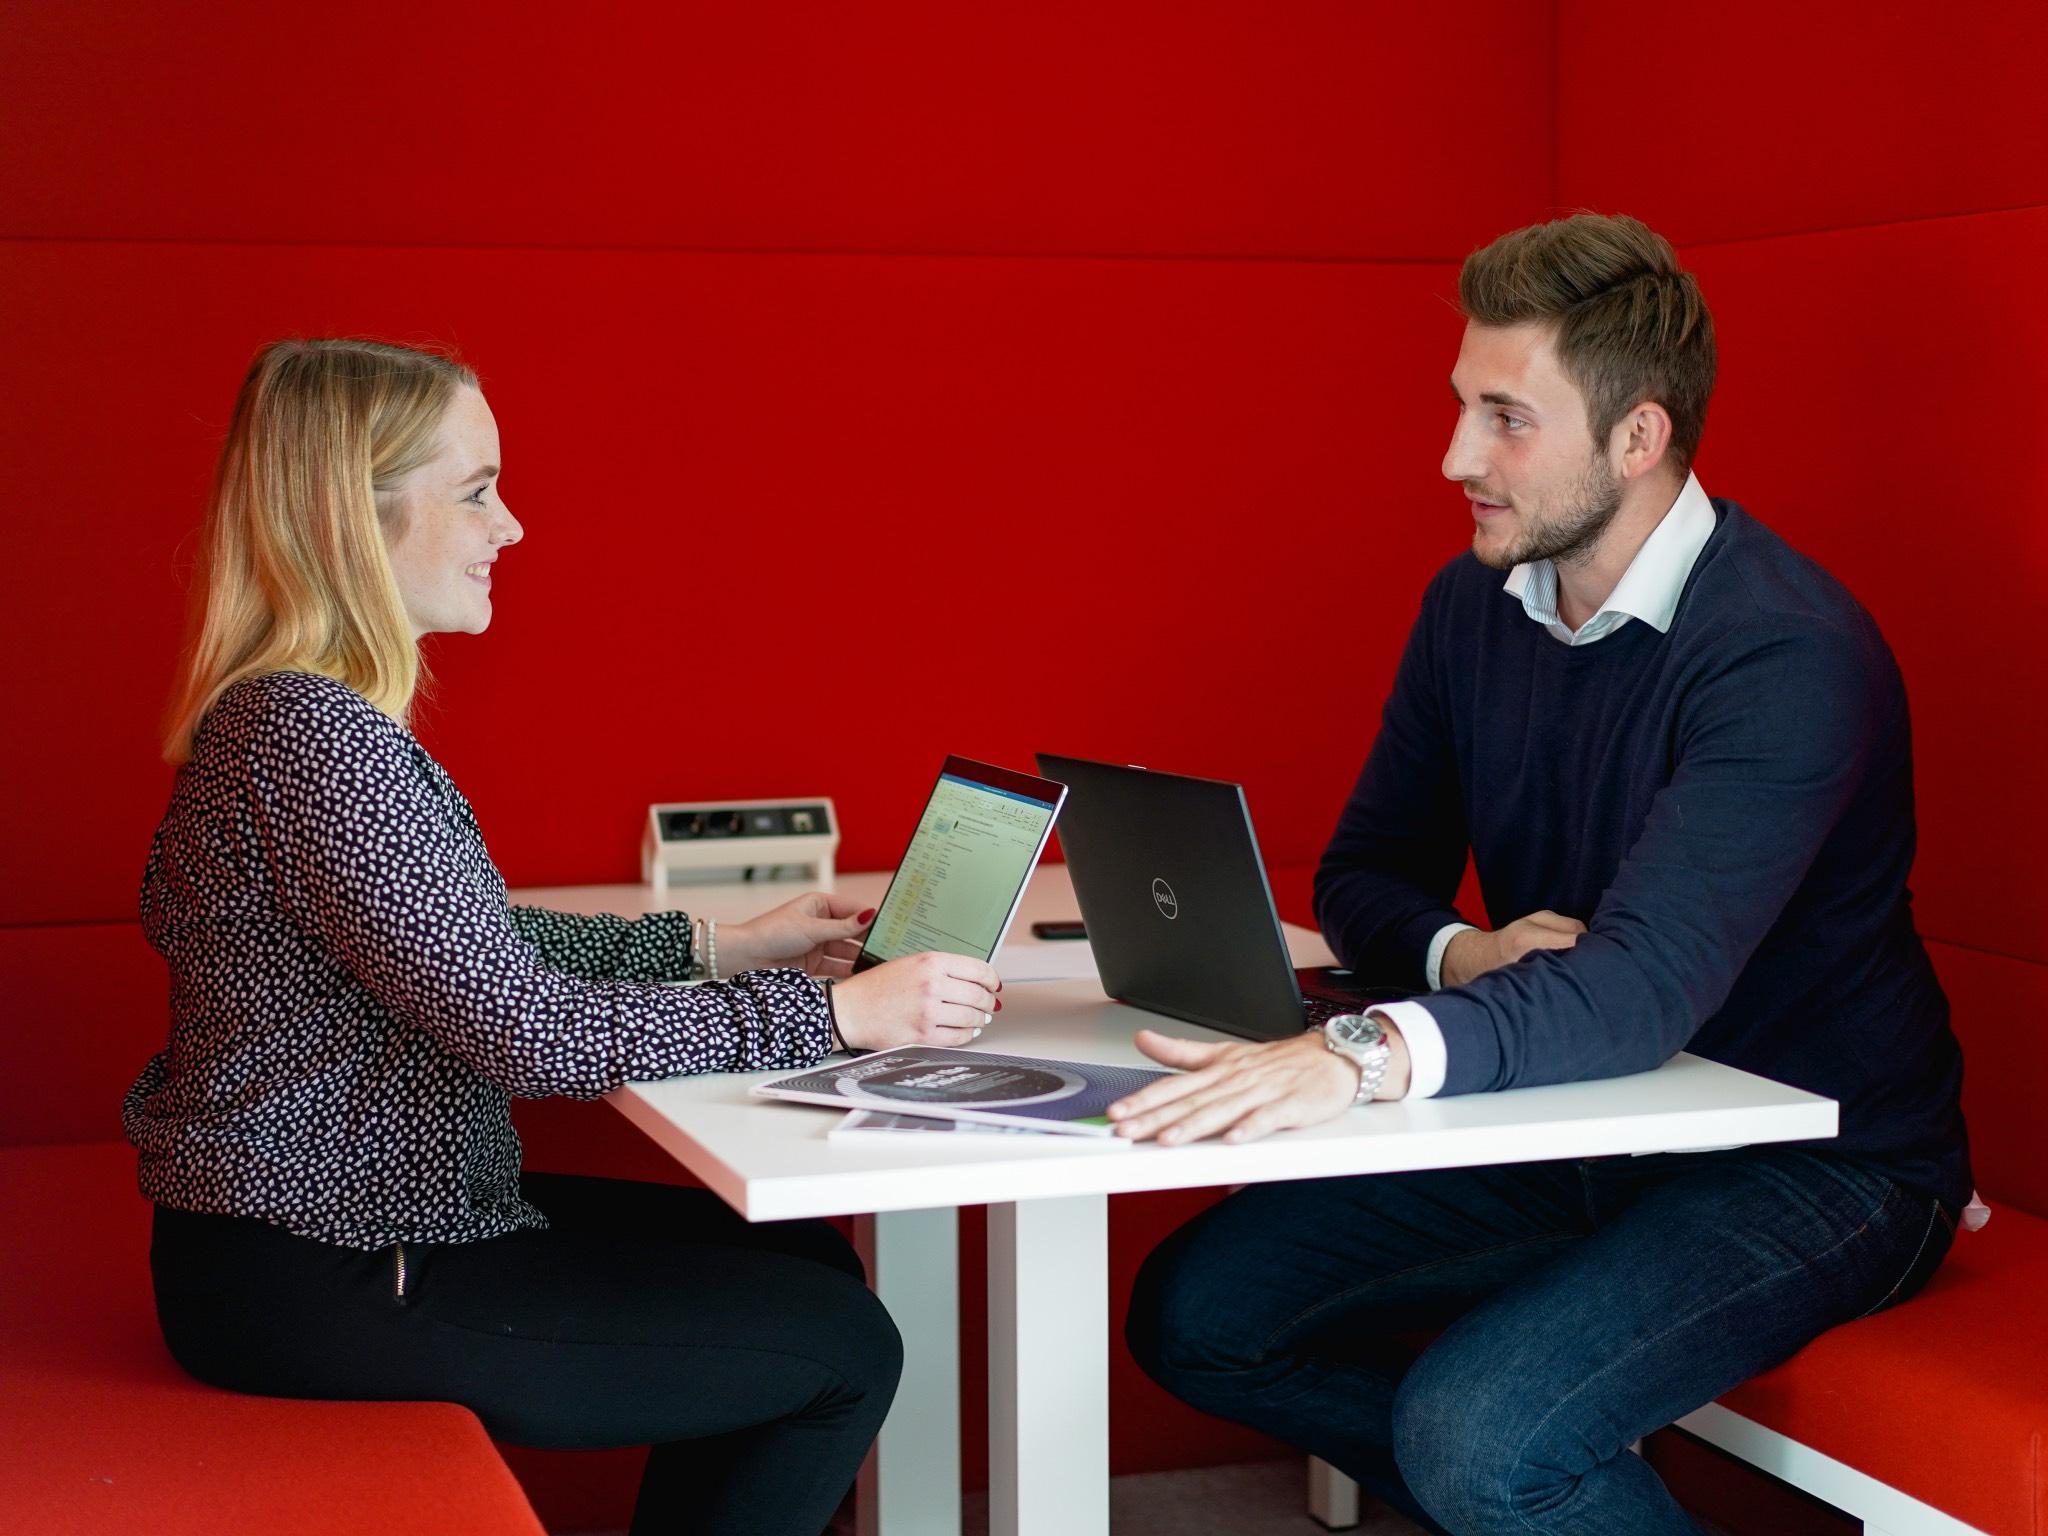 Über 11.000 Mitarbeiter und in 14 Ländern vertreten: Bechtle gehört zu den erfolgreichsten IT-Dienstleitungsunternehmen Deutschlands. Foto: Konstantin Winter